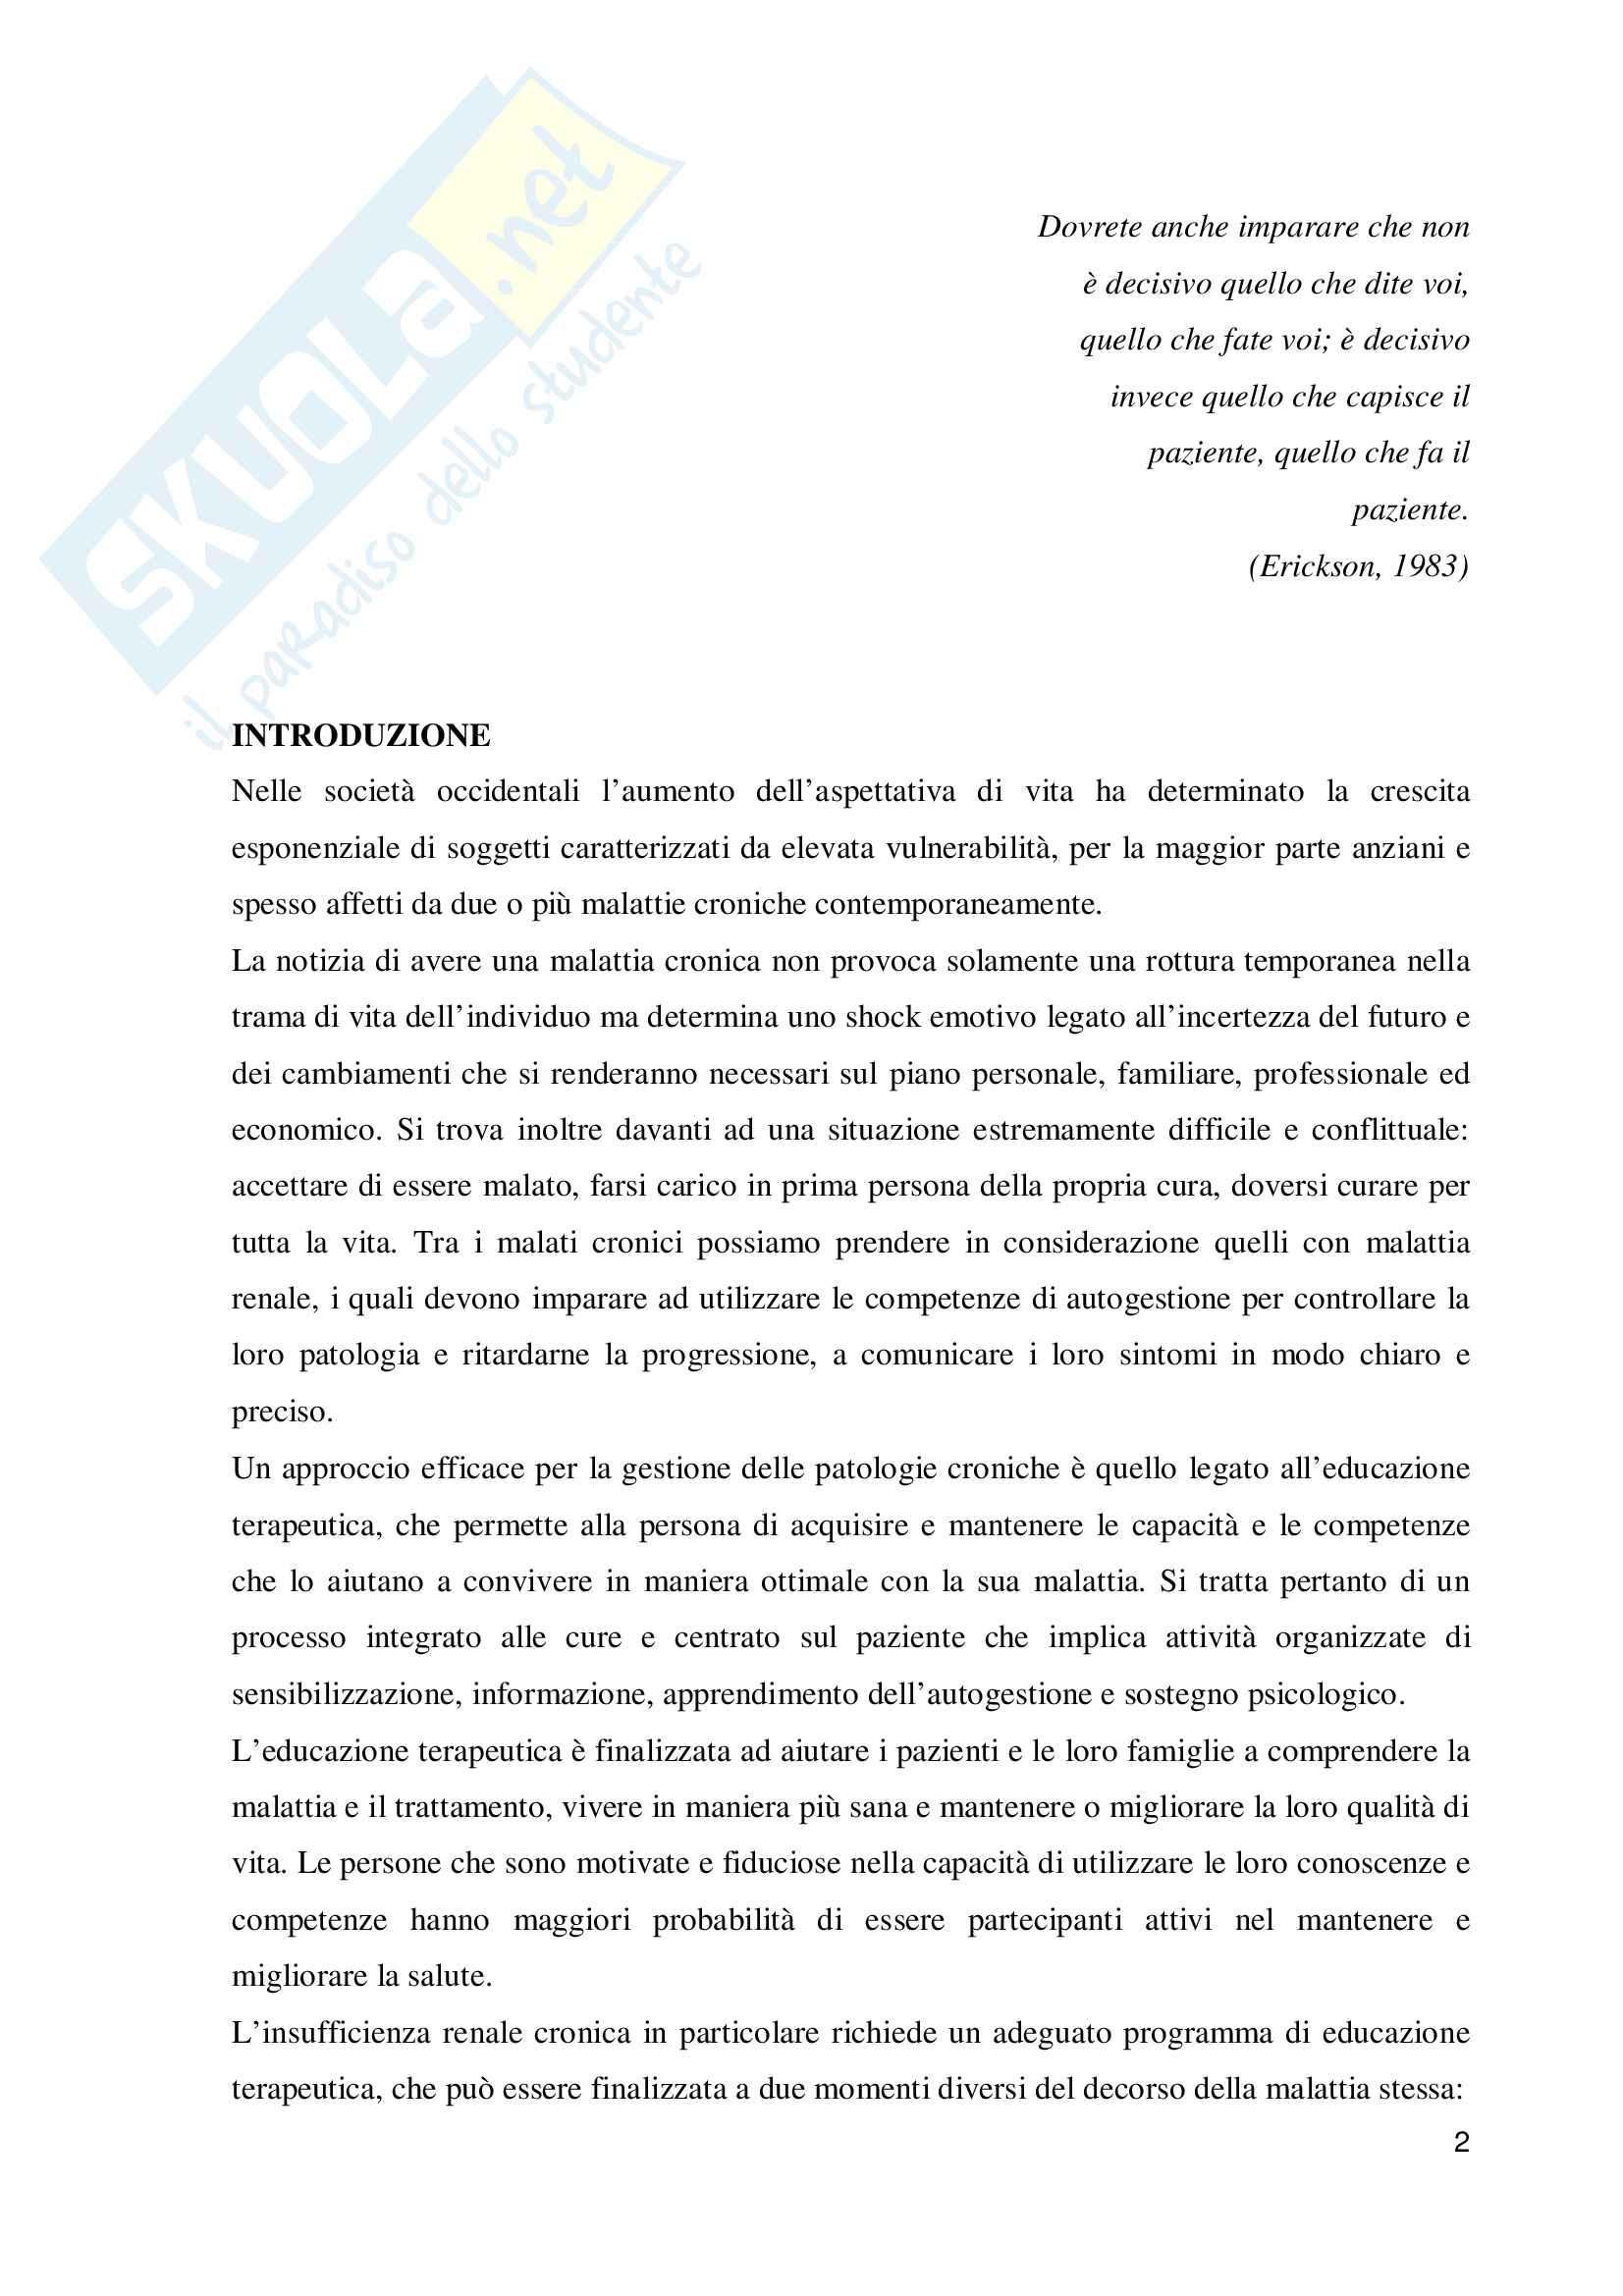 La health literacy in soggetti con insufficienza renale cronica sottoposti a dialisi Pag. 2